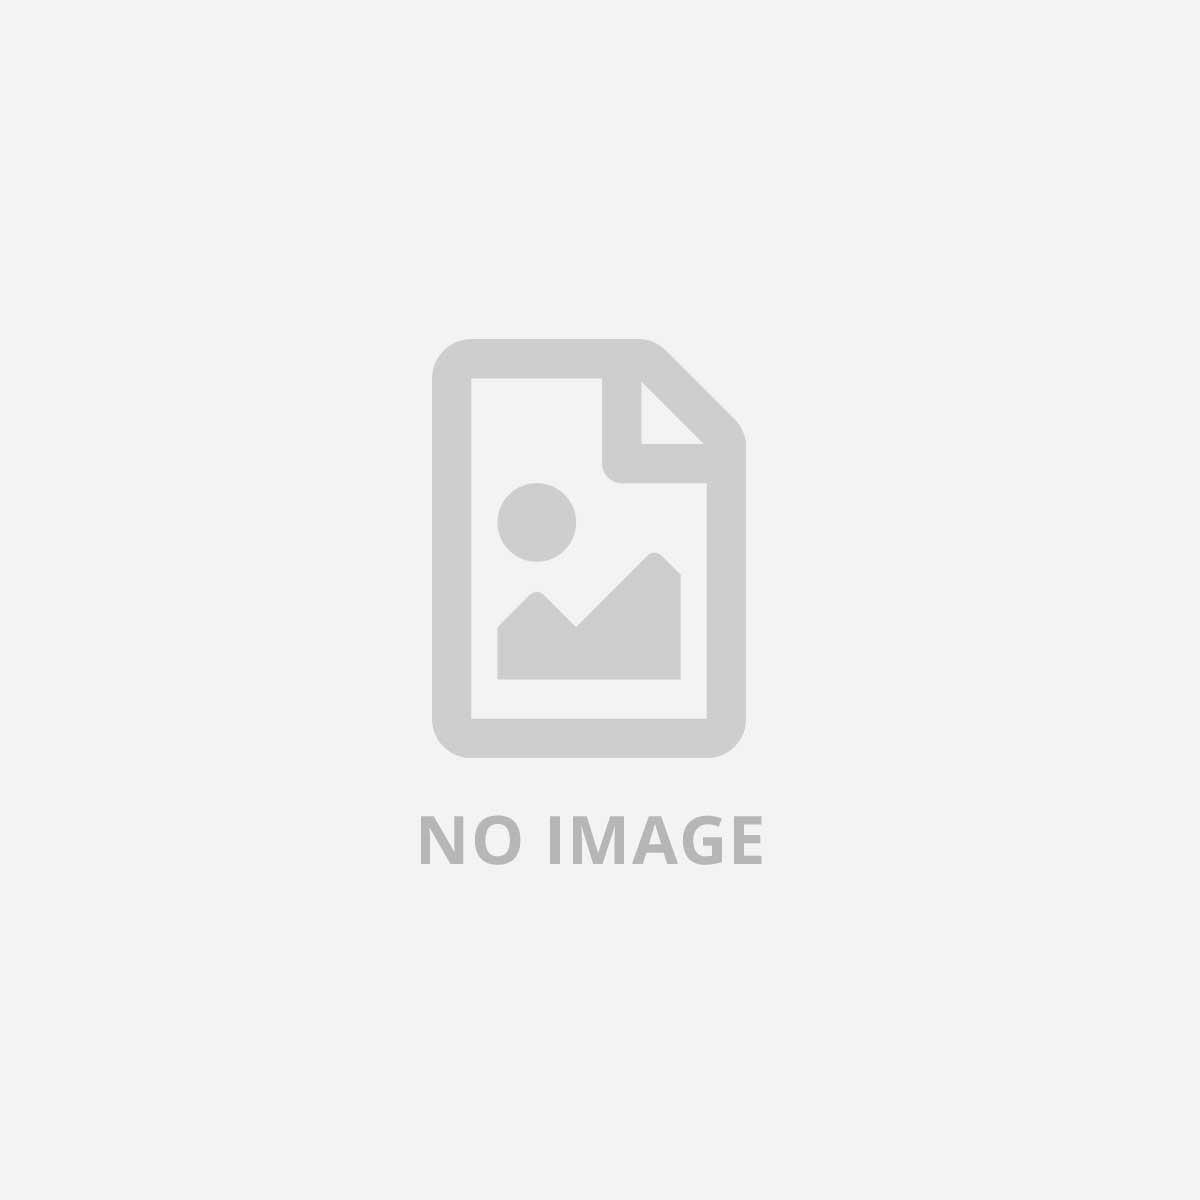 I-Tec EASY 2 5  USB-C 3.1 GEN 2 BLACK